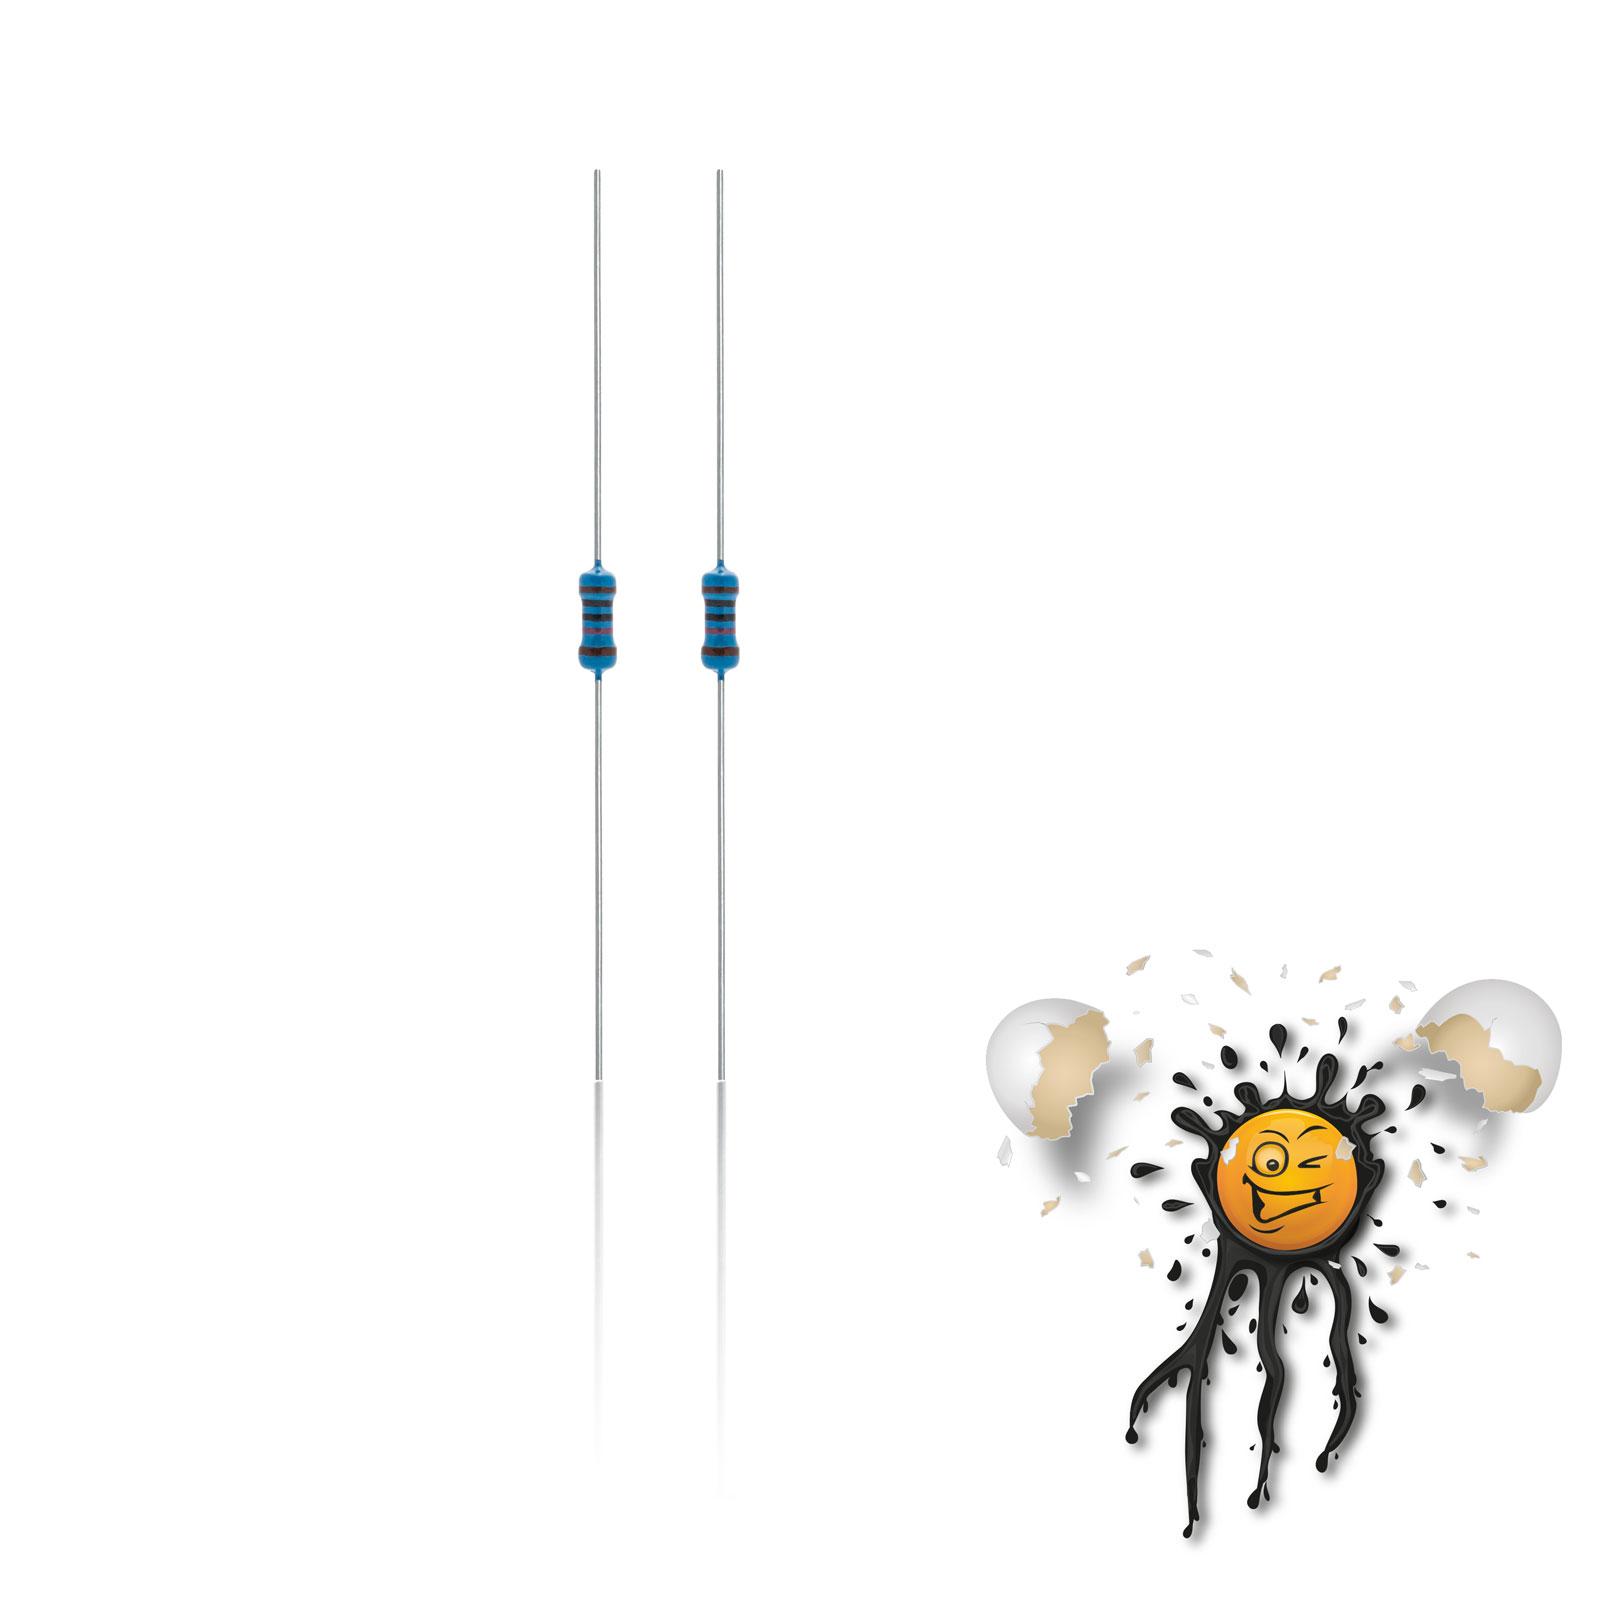 ESP Voltage Divider